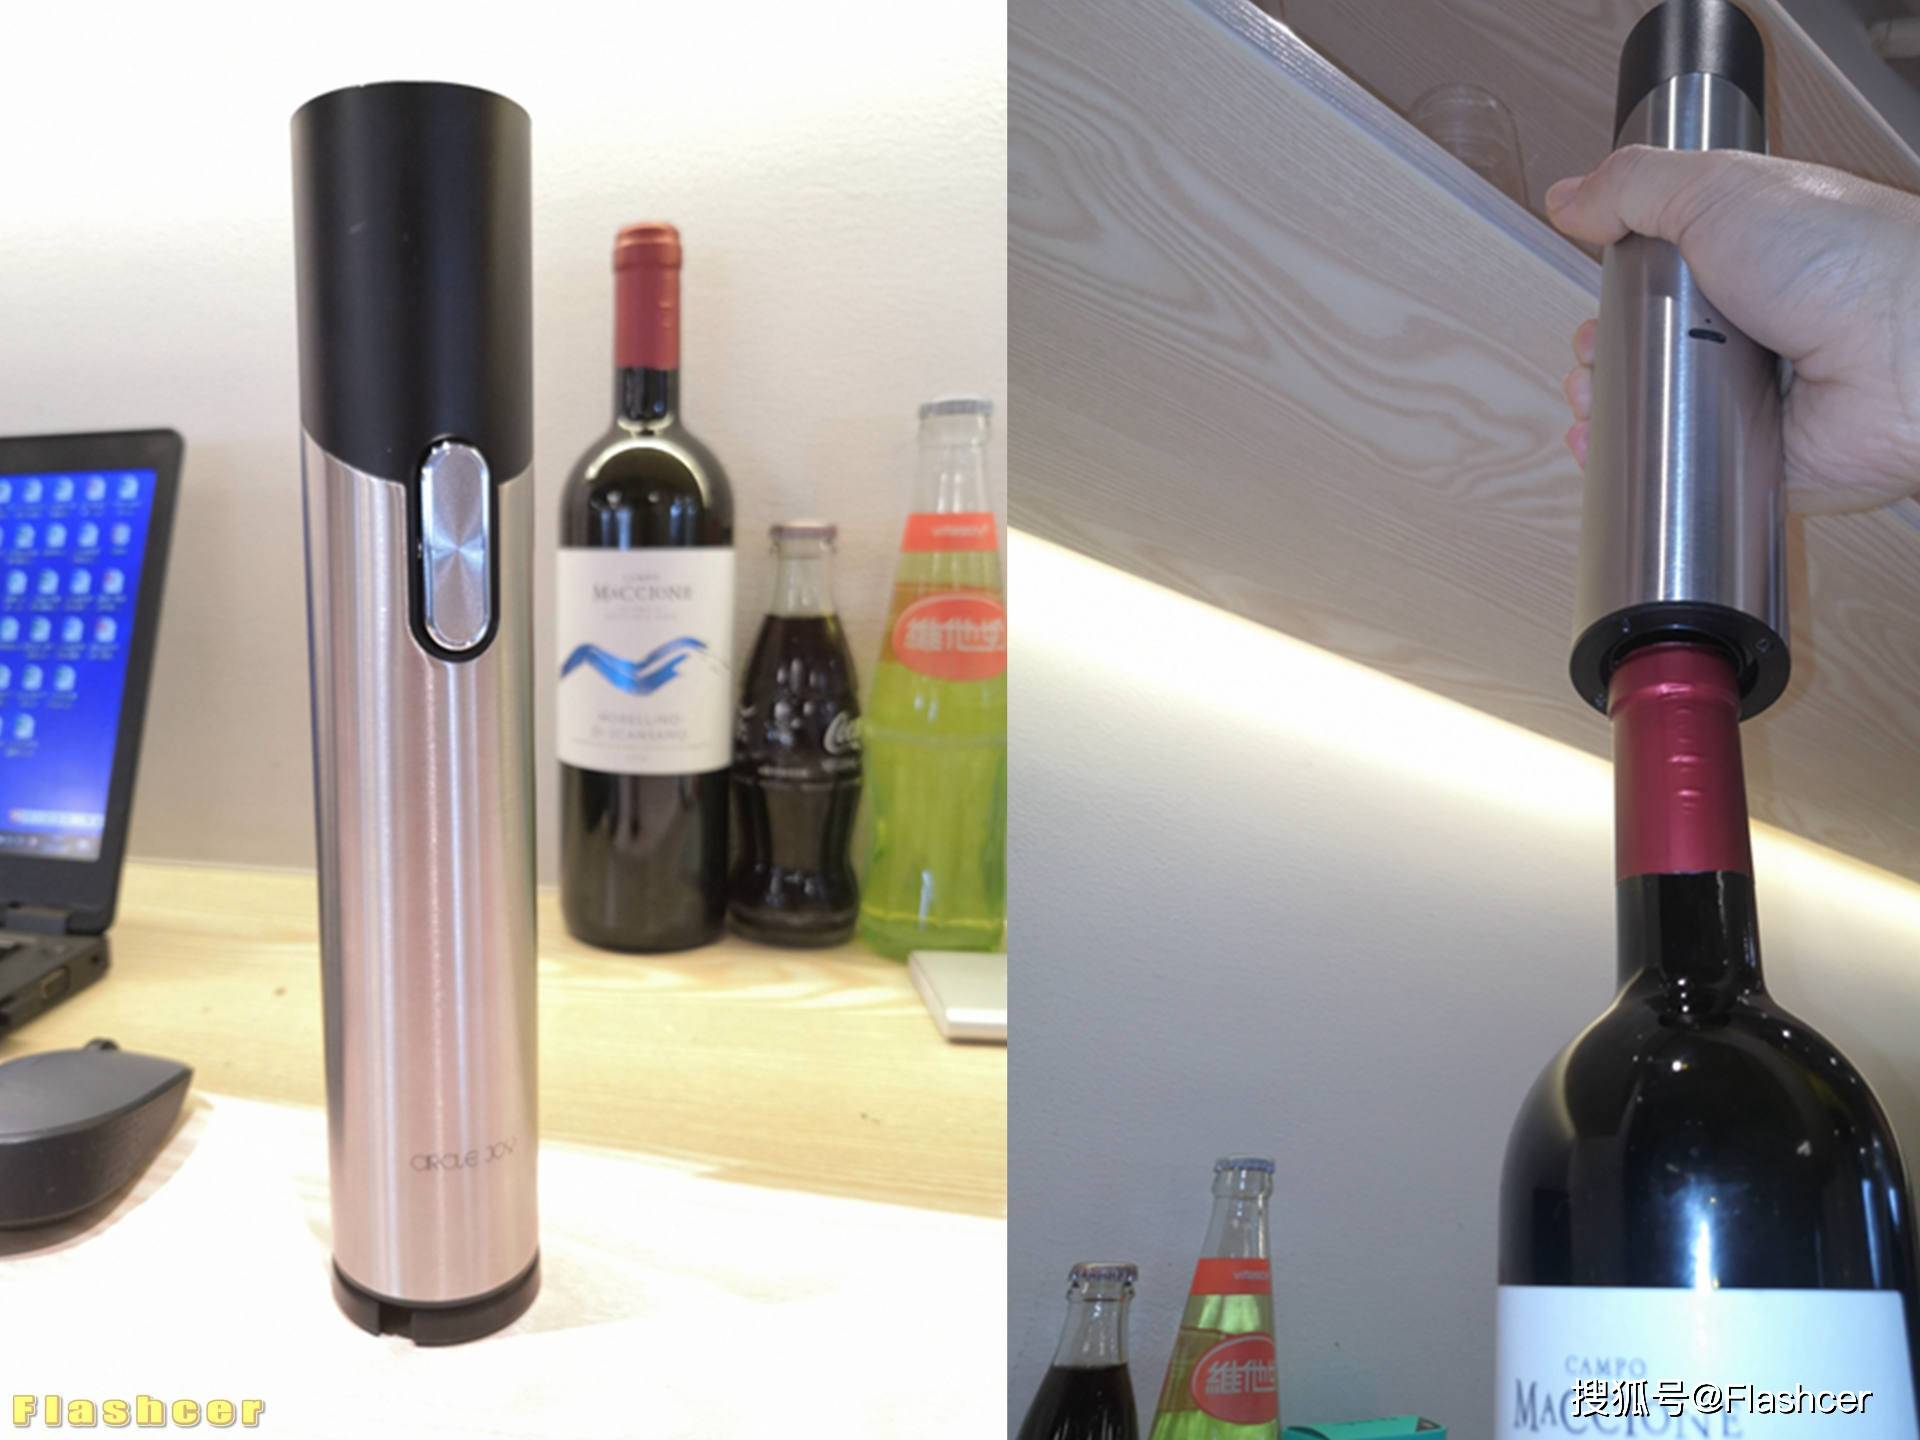 圆乐新品-智能啤酒红酒二合一开瓶器 体验